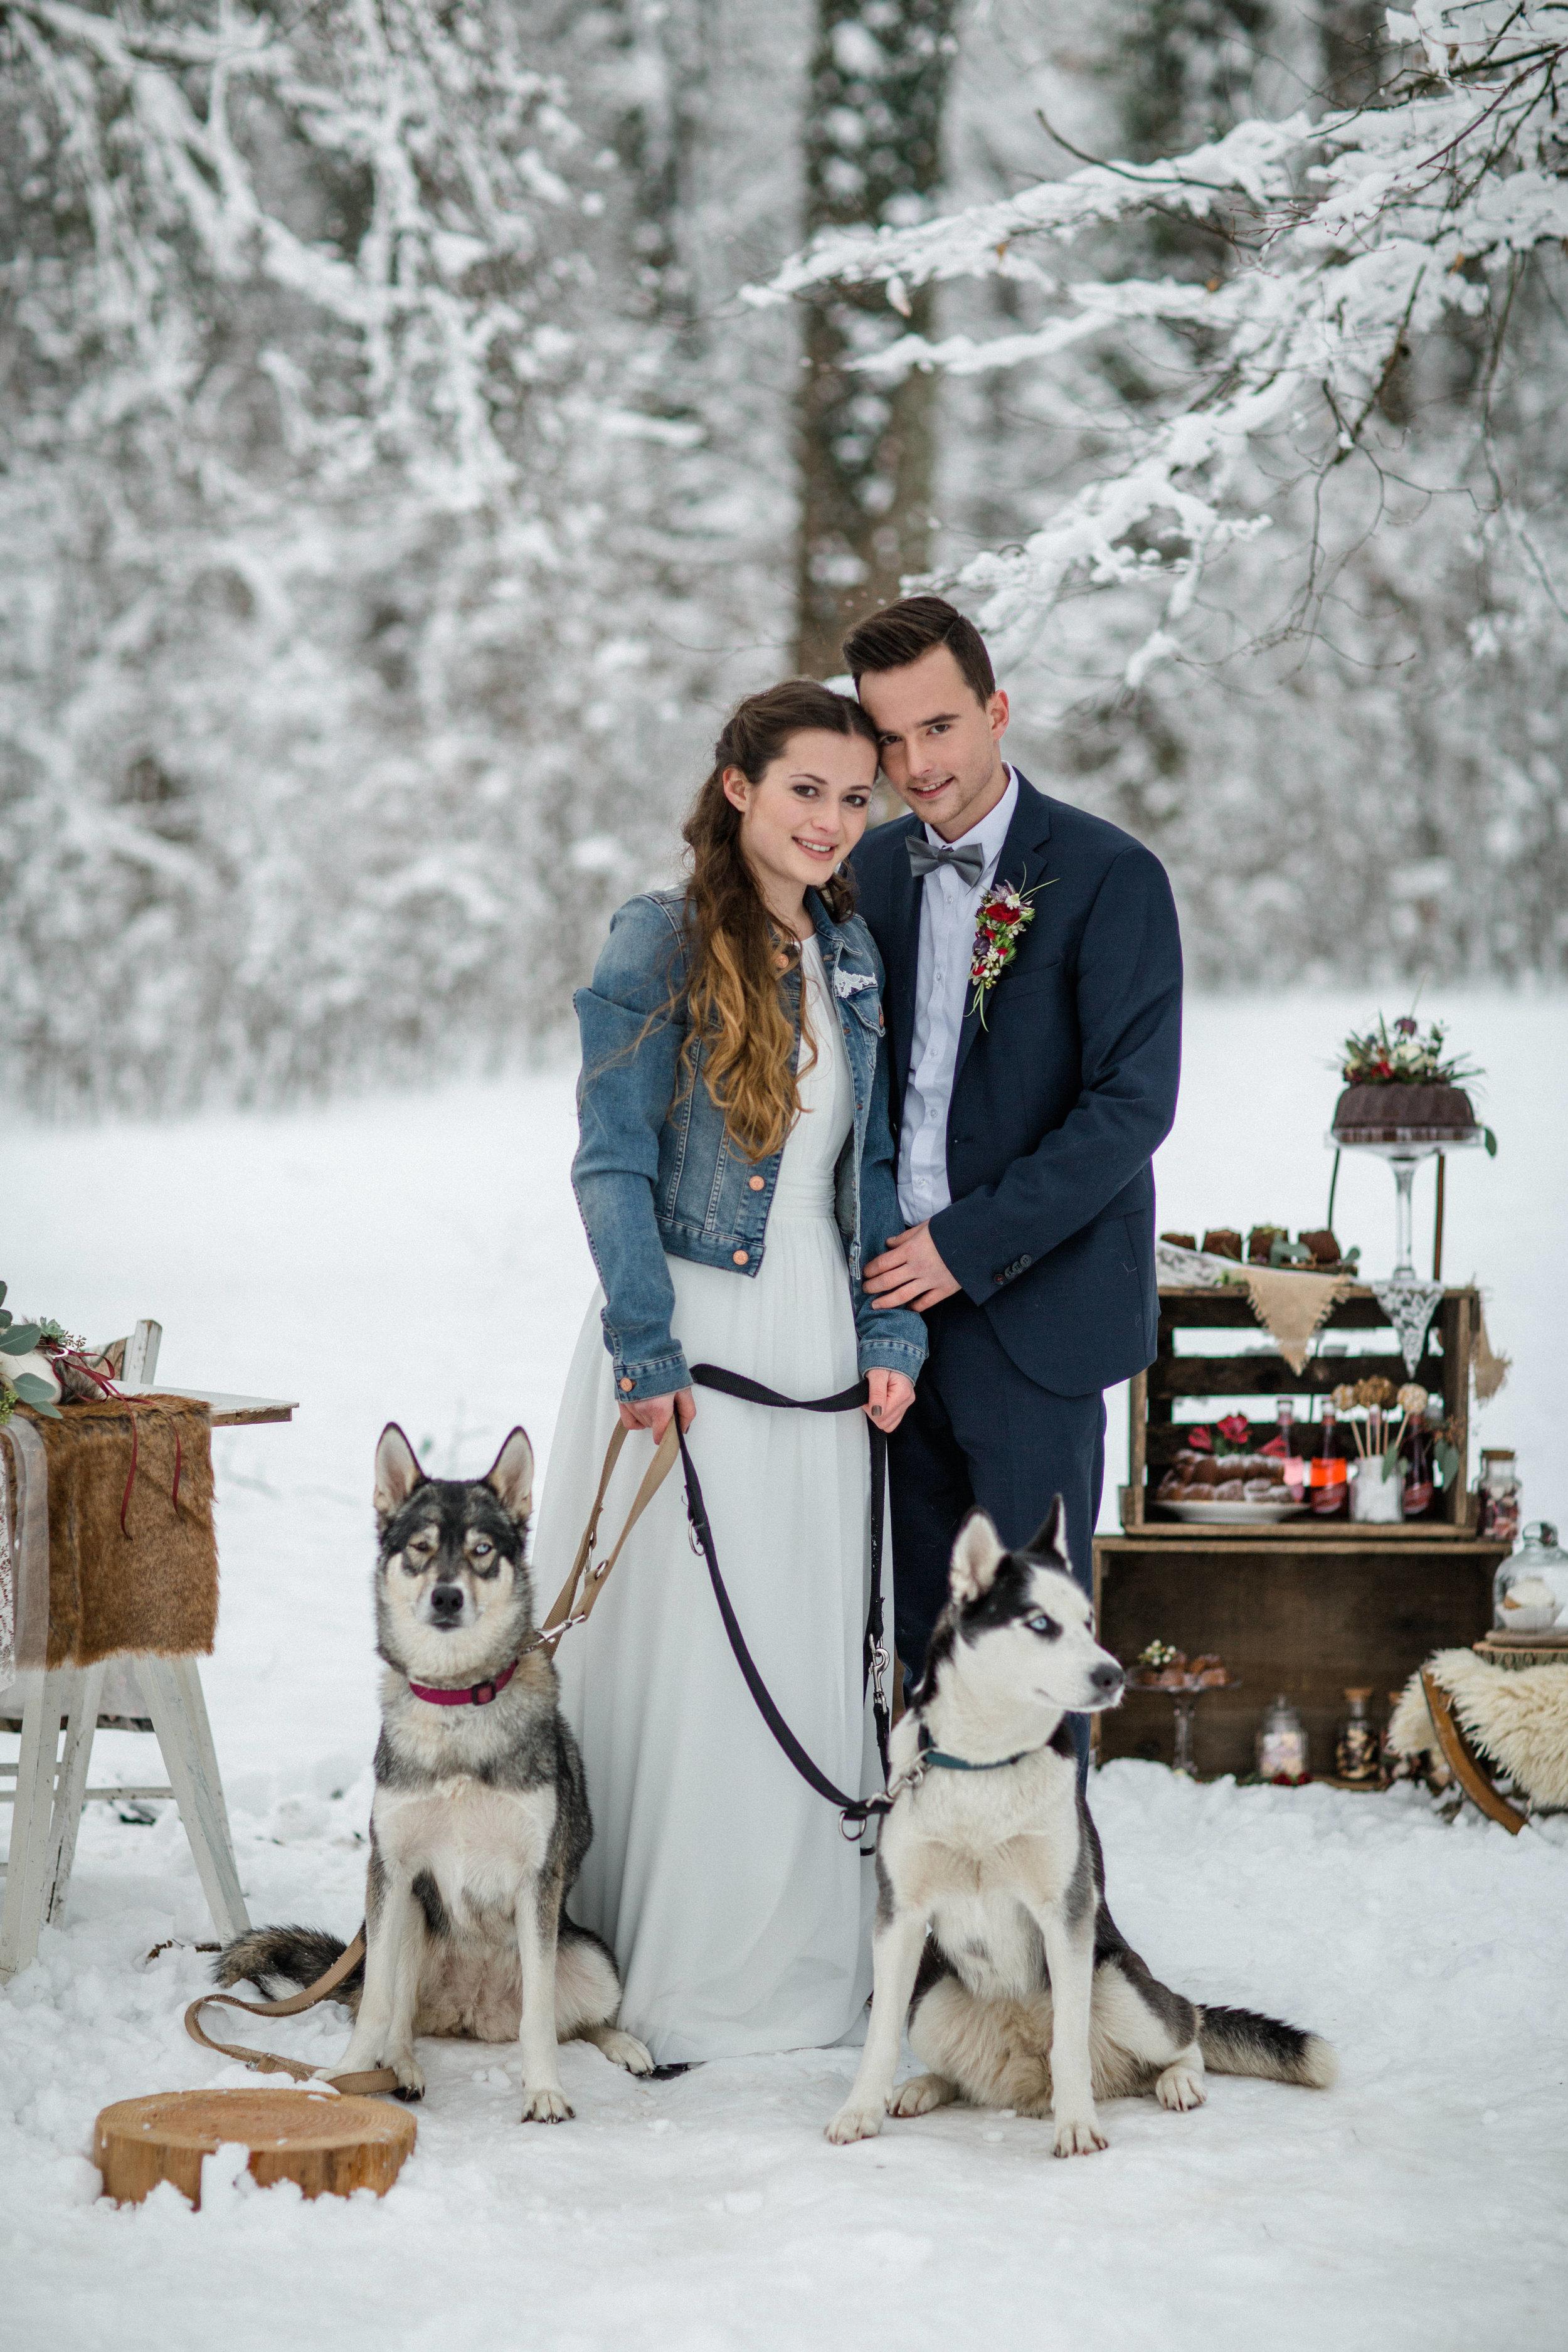 yessica-baur-fotografie-styleshooting-huskies-4054.JPG